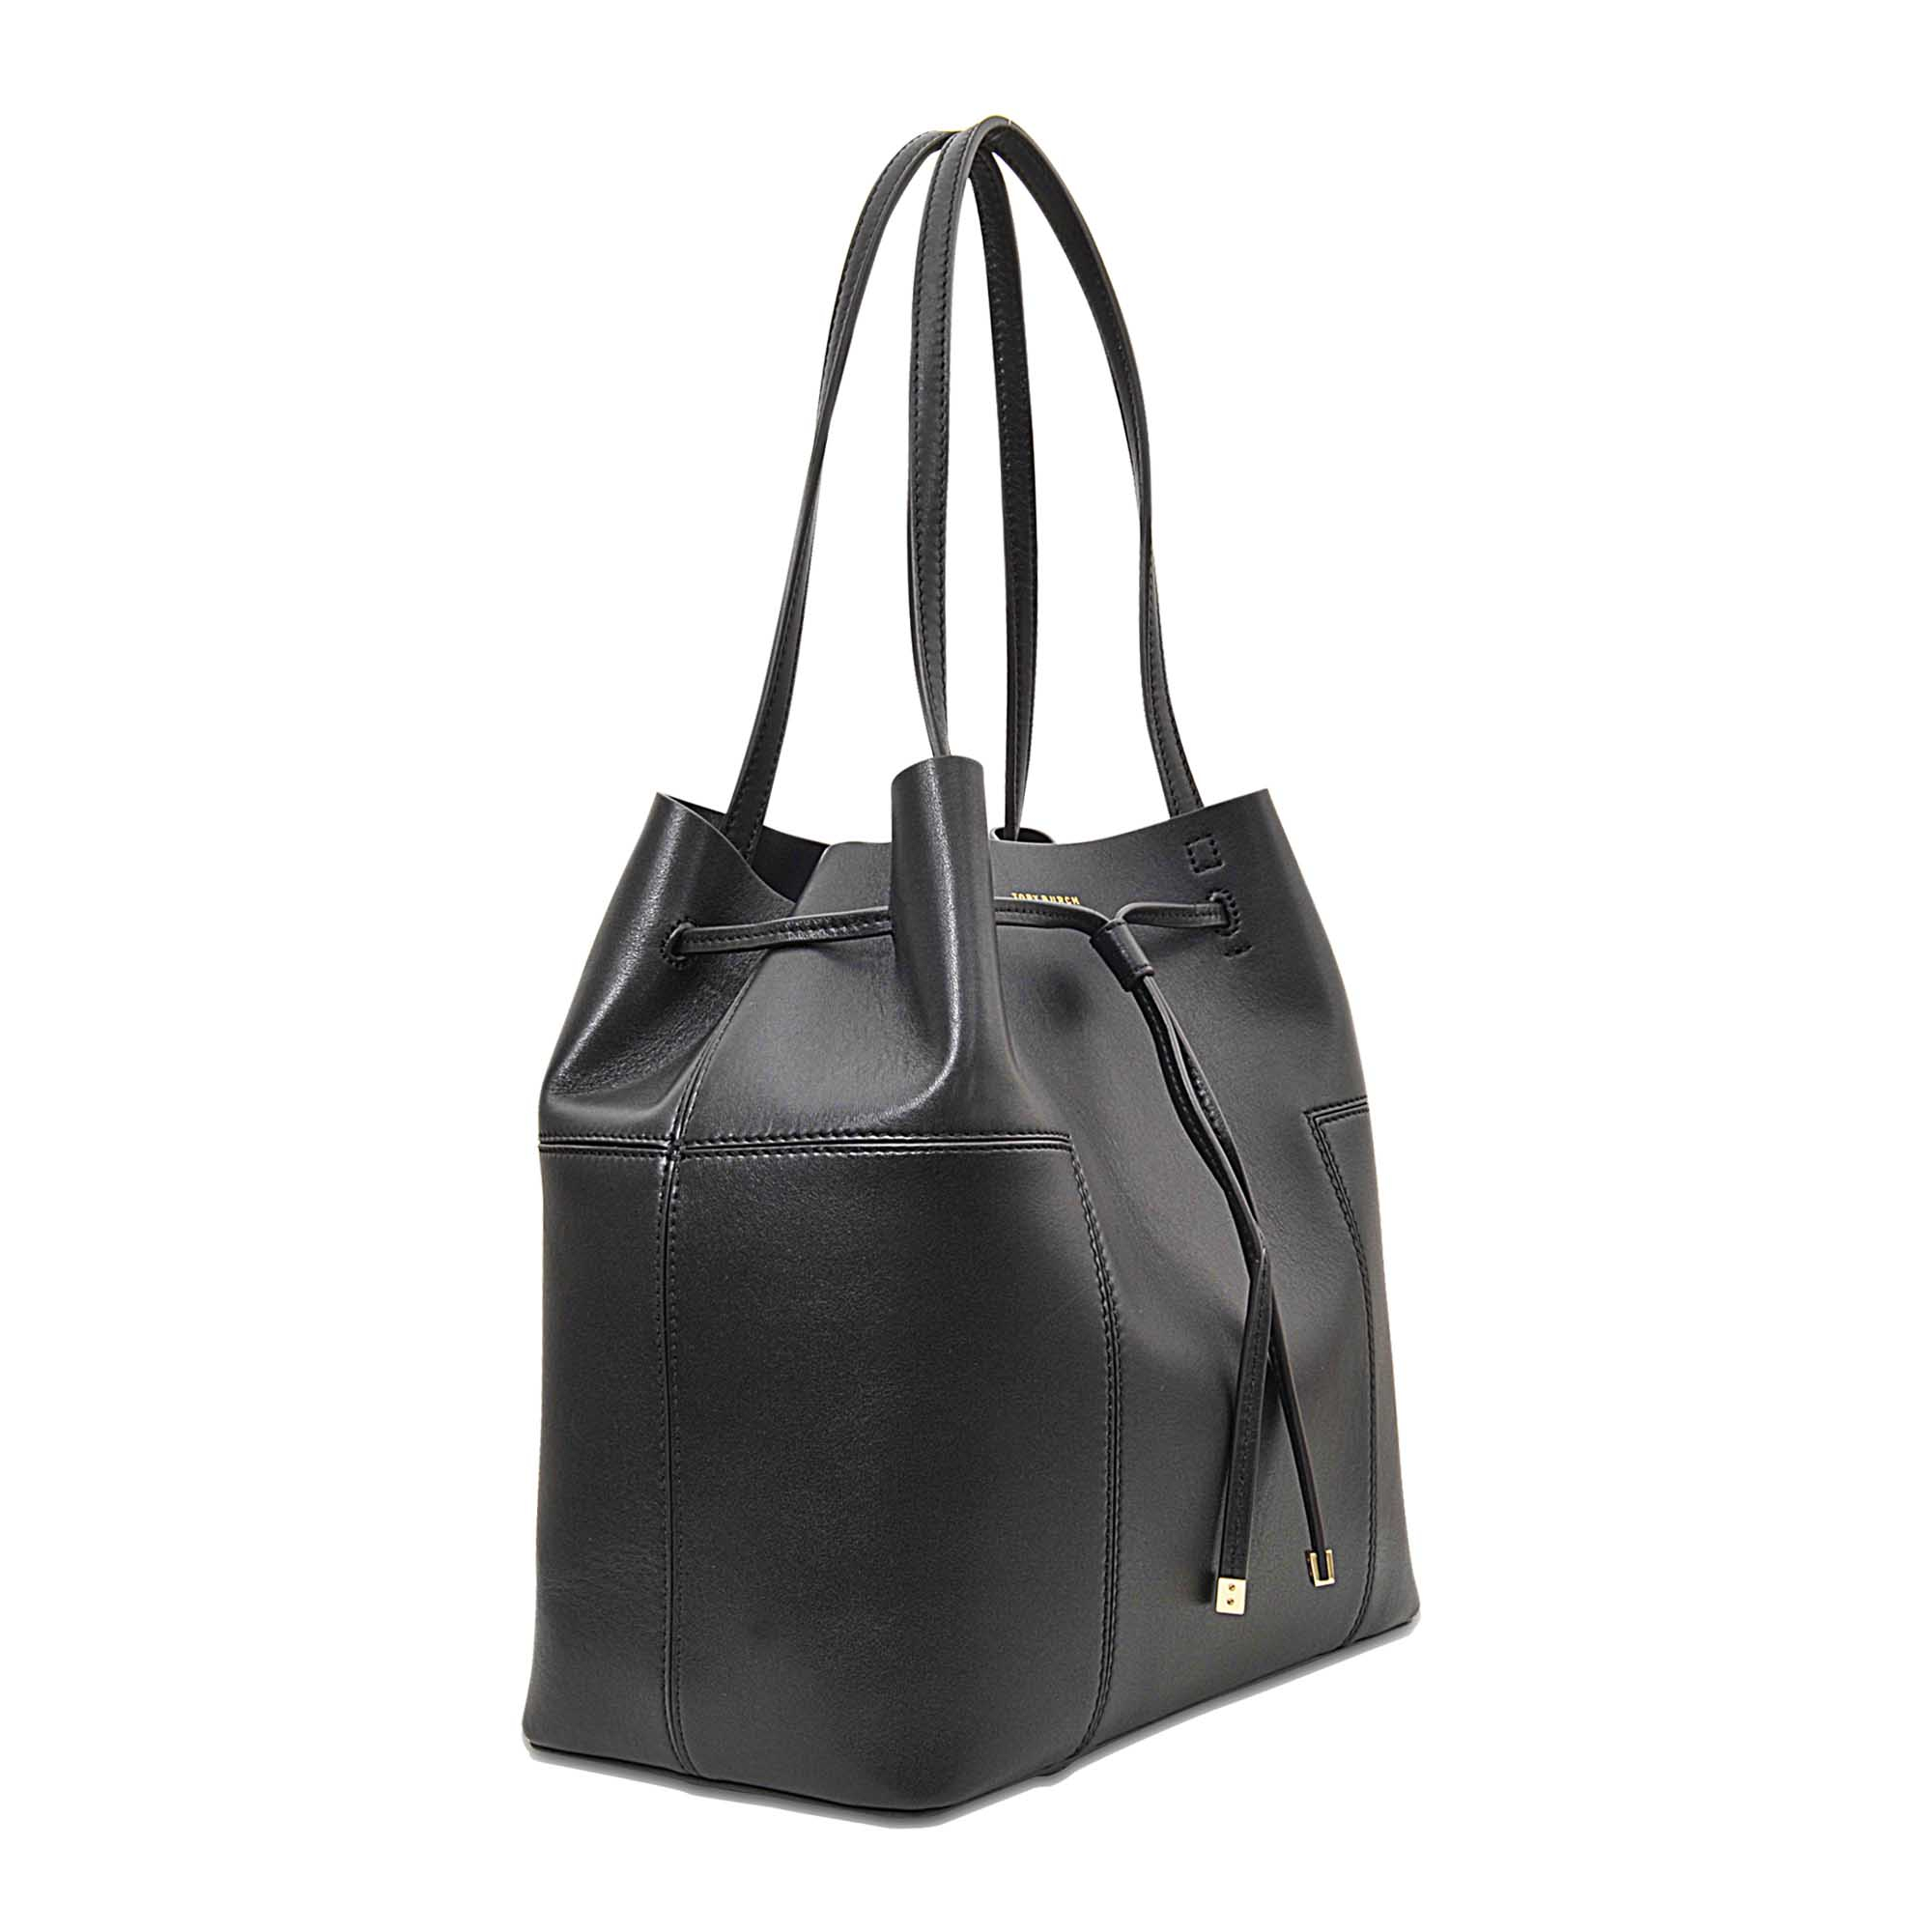 b38e07f23d3b ... greece lyst tory burch block t bucket bag in black 9b198 2d817 ...